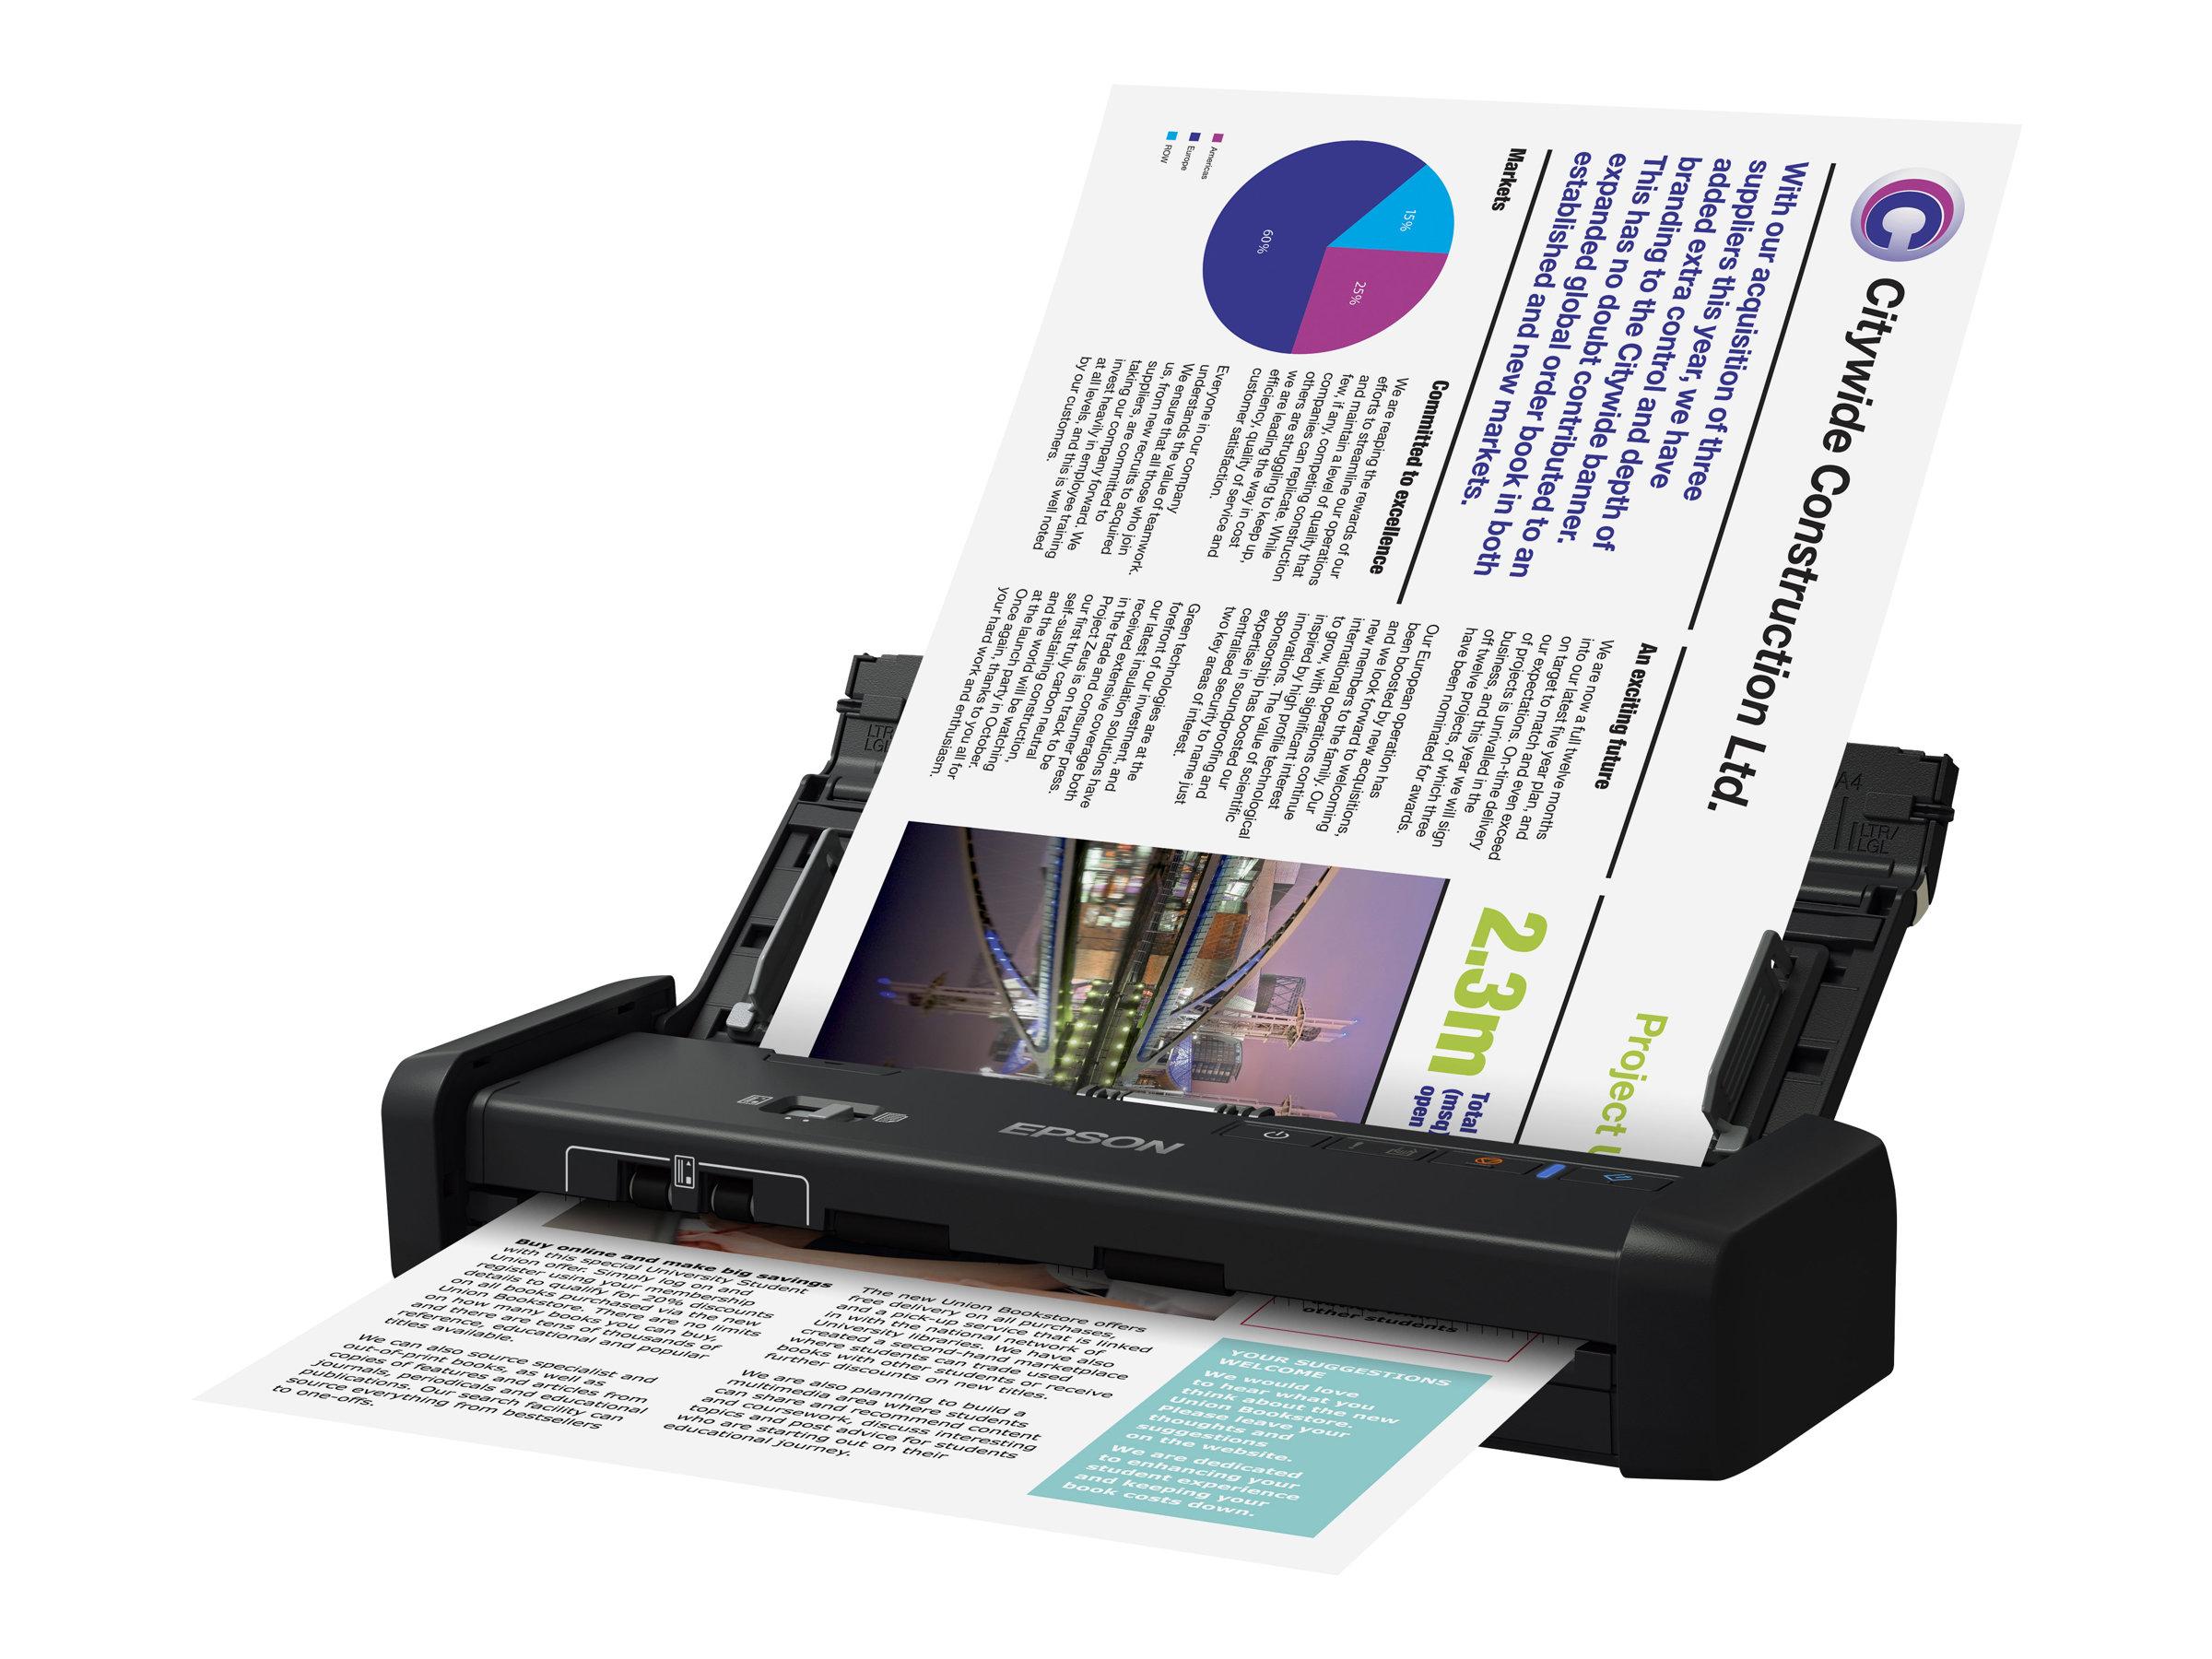 Epson WorkForce DS-310 - Dokumentenscanner - Duplex - A4 - 600 dpi x 600 dpi - bis zu 25 Seiten/Min. (einfarbig) / bis zu 25 Sei